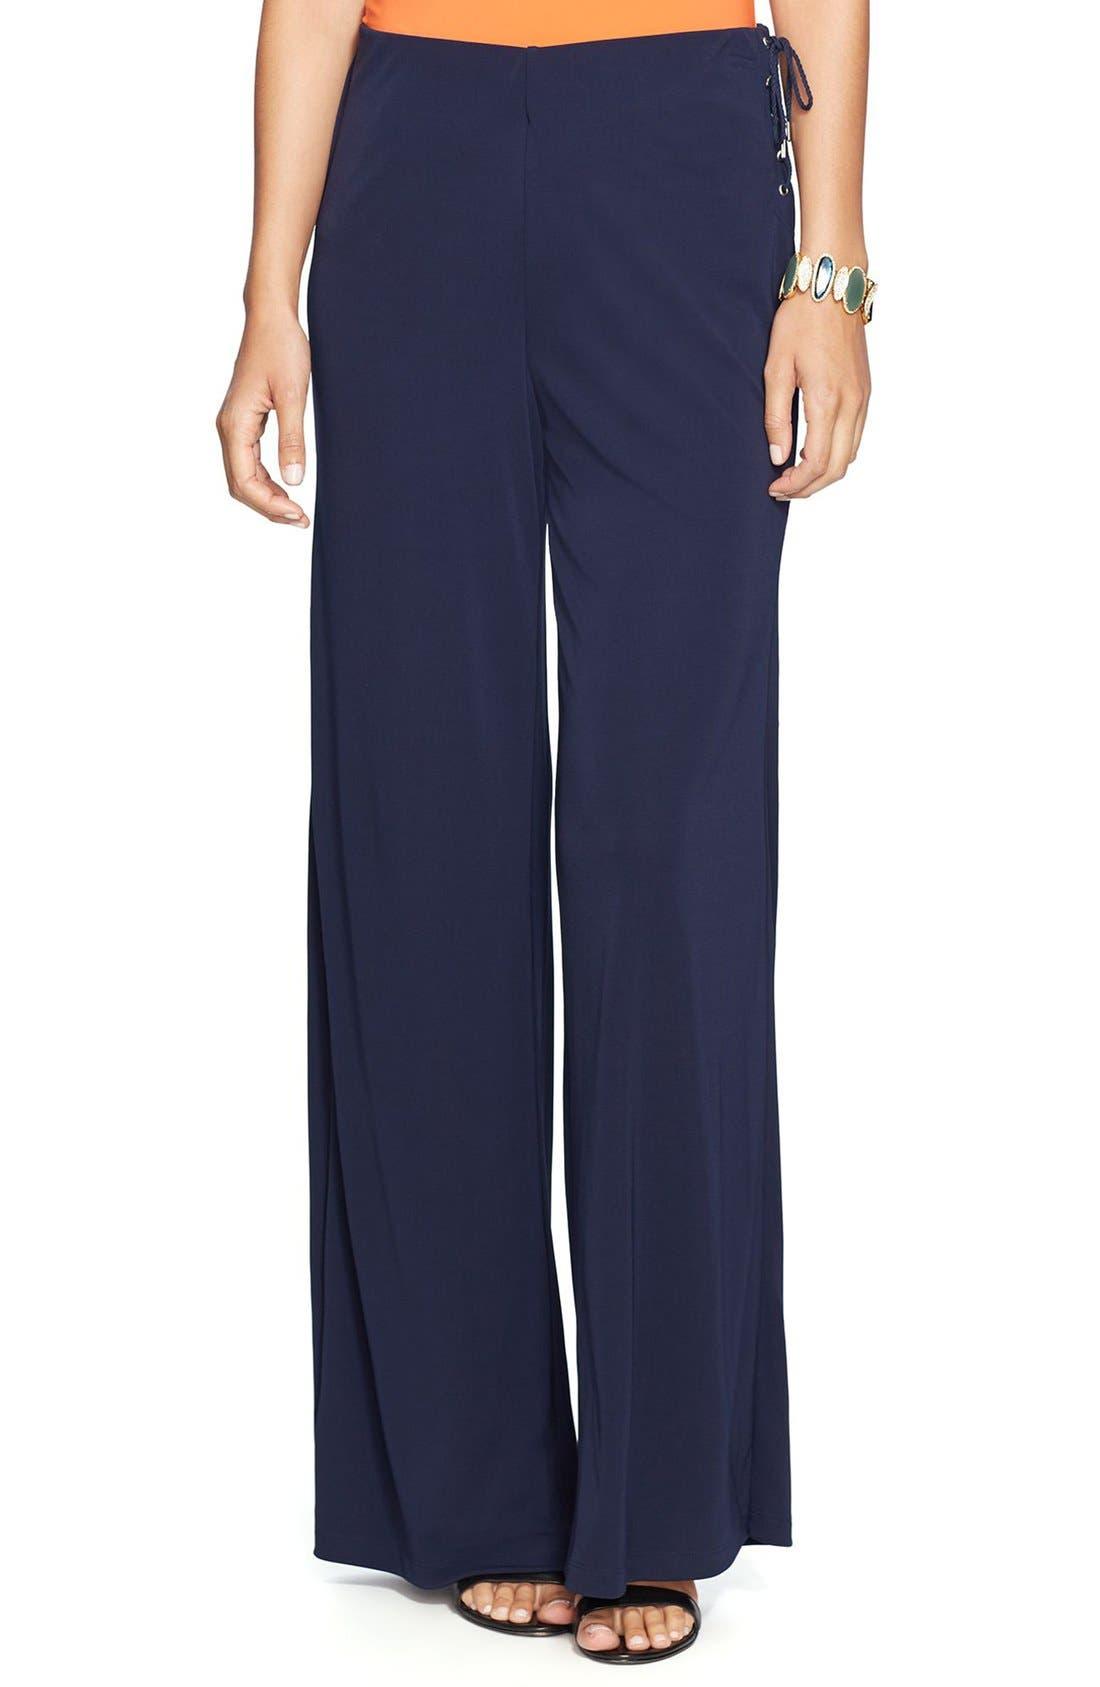 Main Image - Lauren Ralph Lauren Lace-Up Wide Leg Jersey Pants